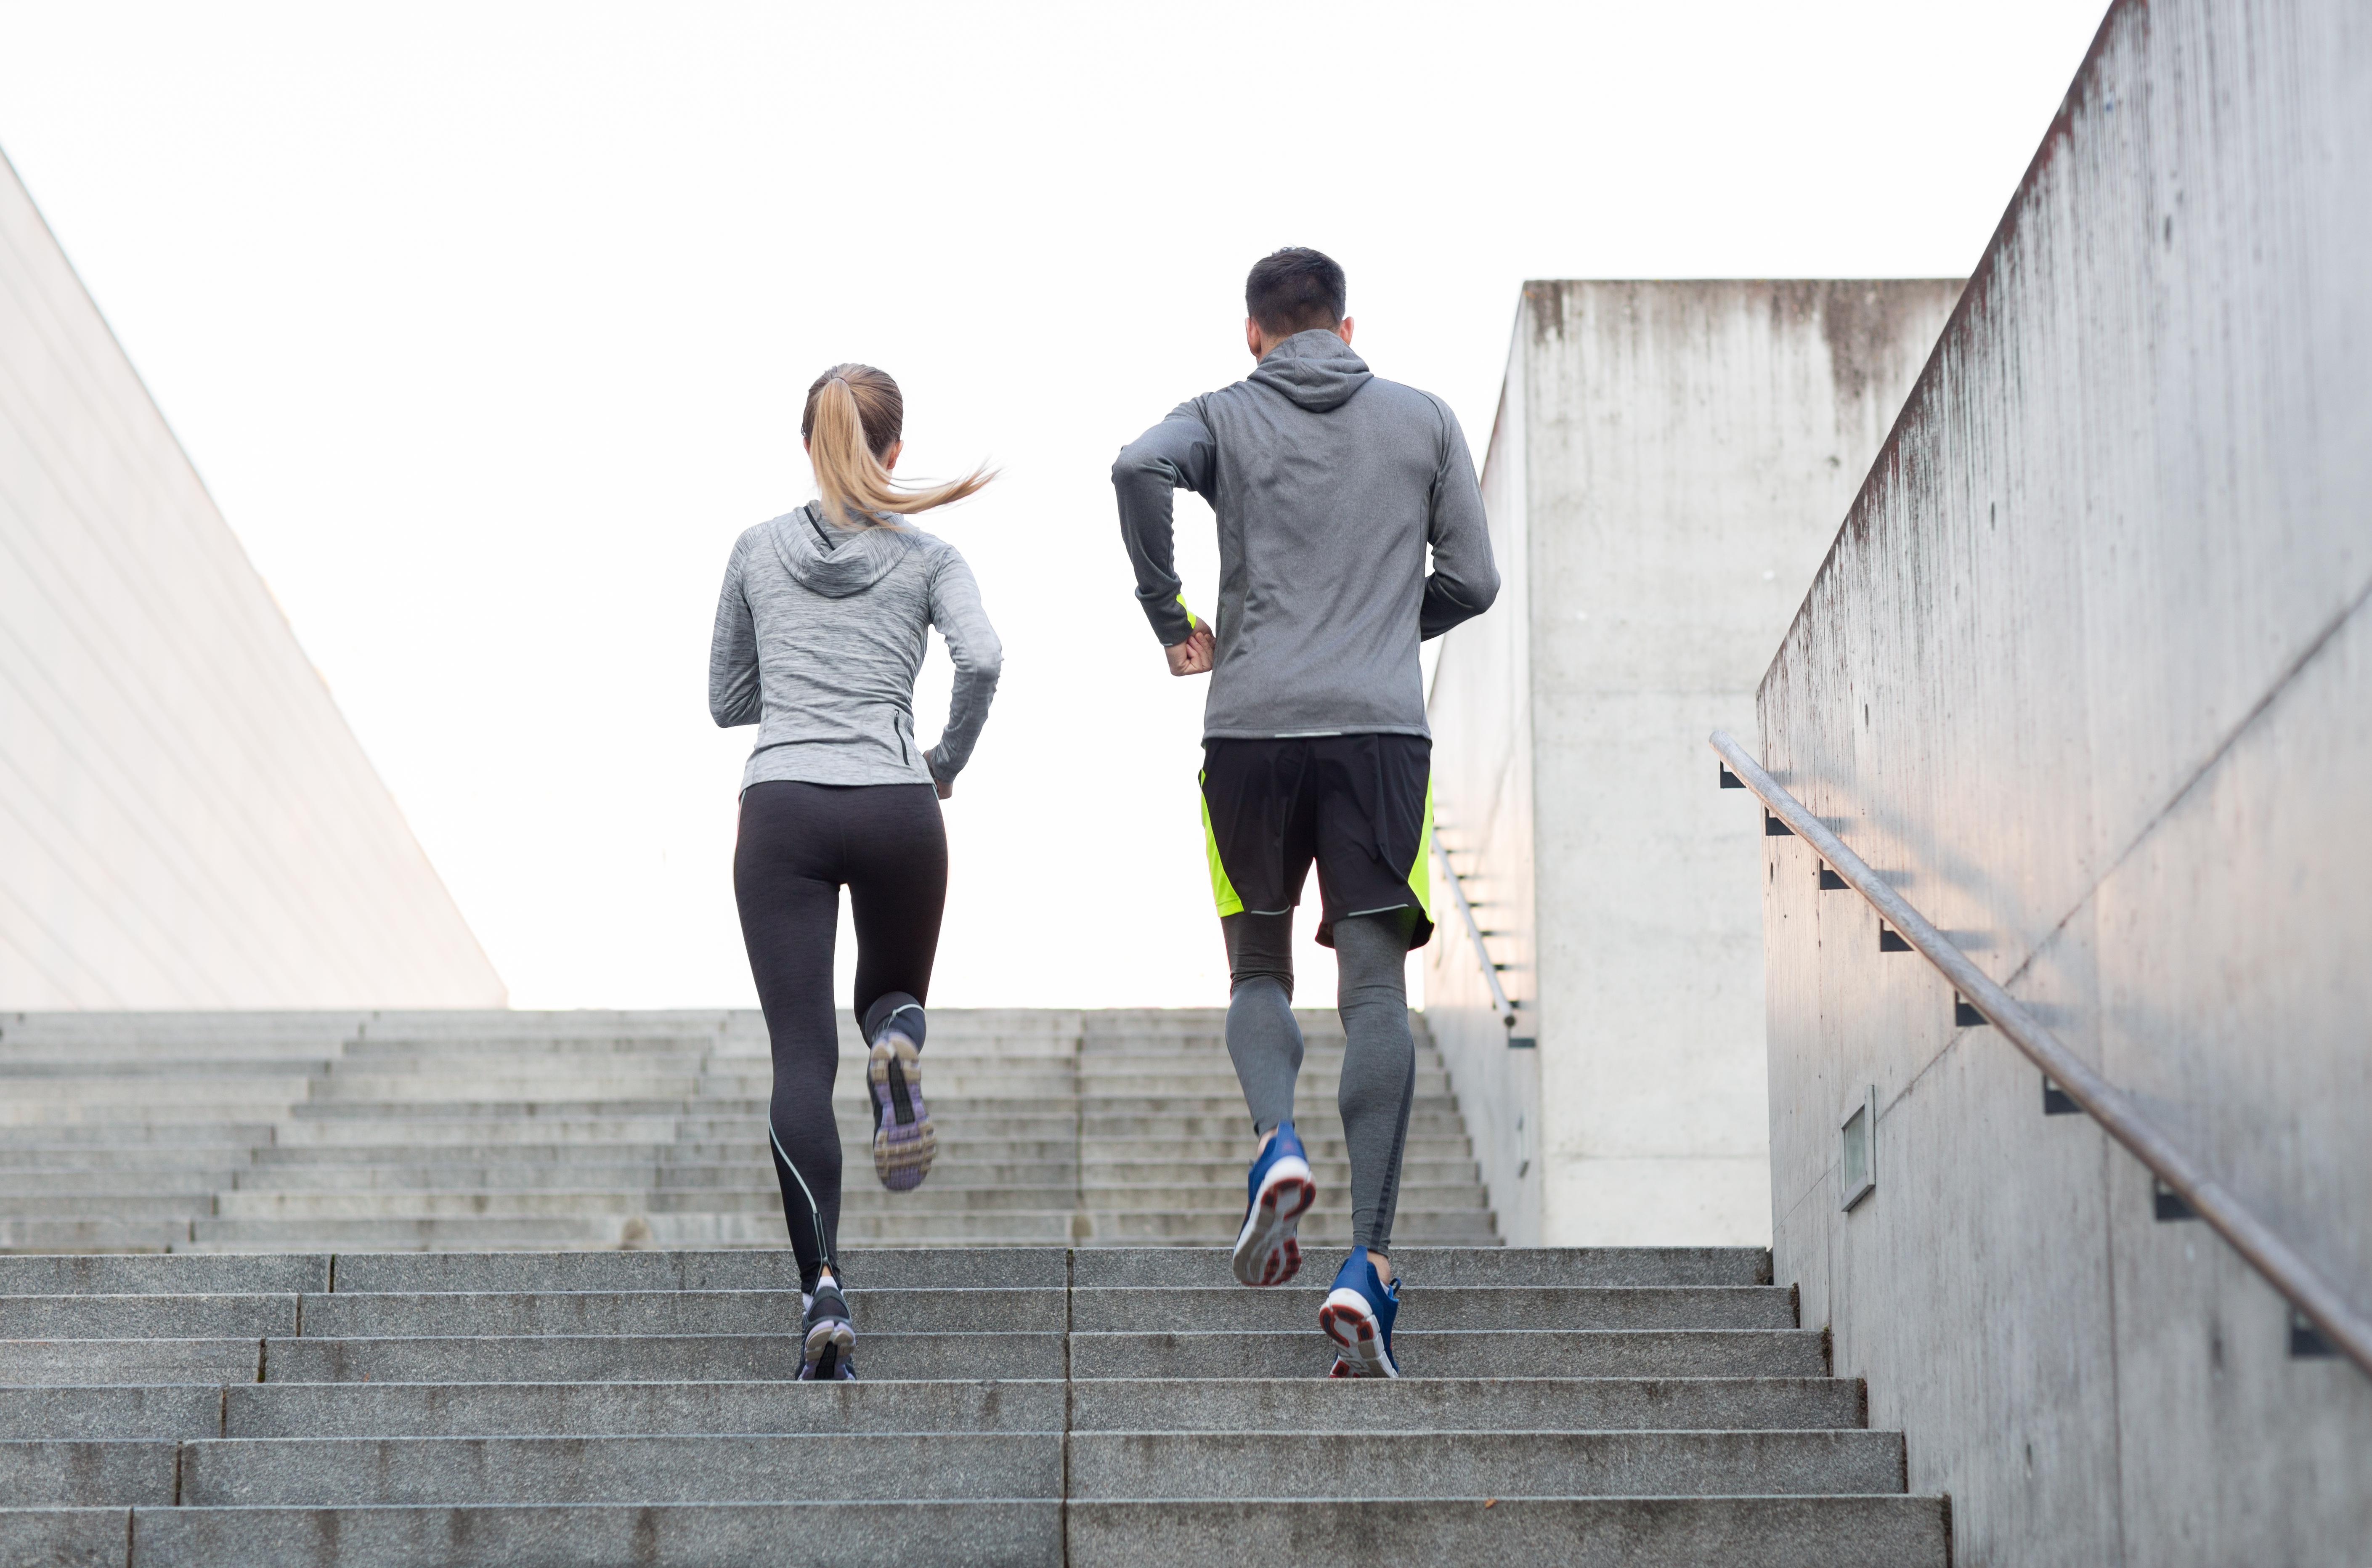 運動習慣がある人に美肌が多い理由